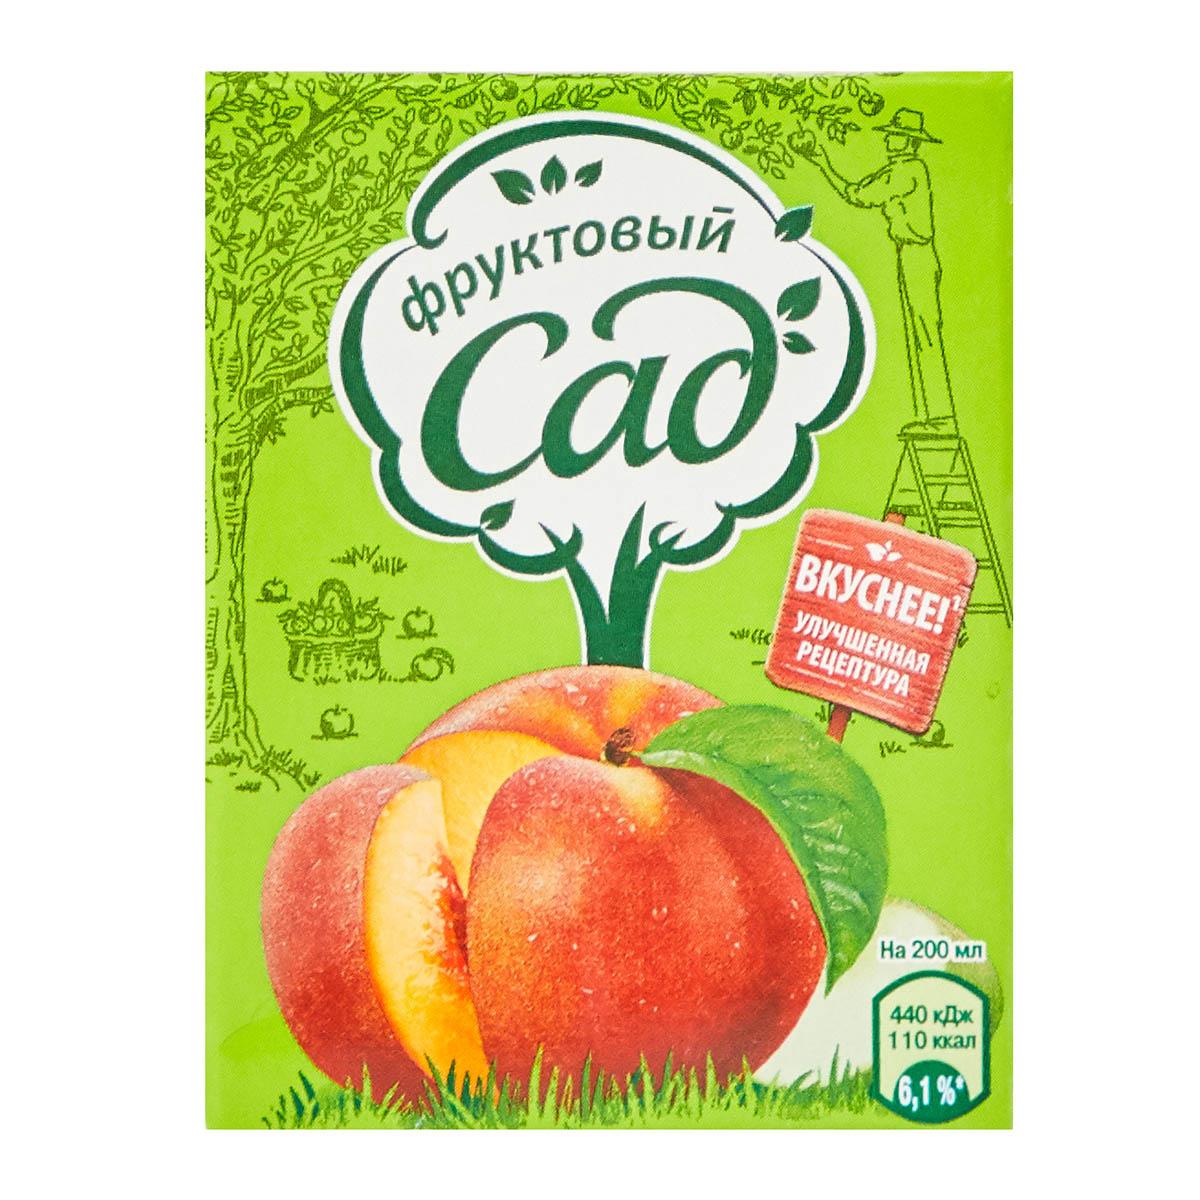 «Фруктовый сад» нектар яблоко-персик